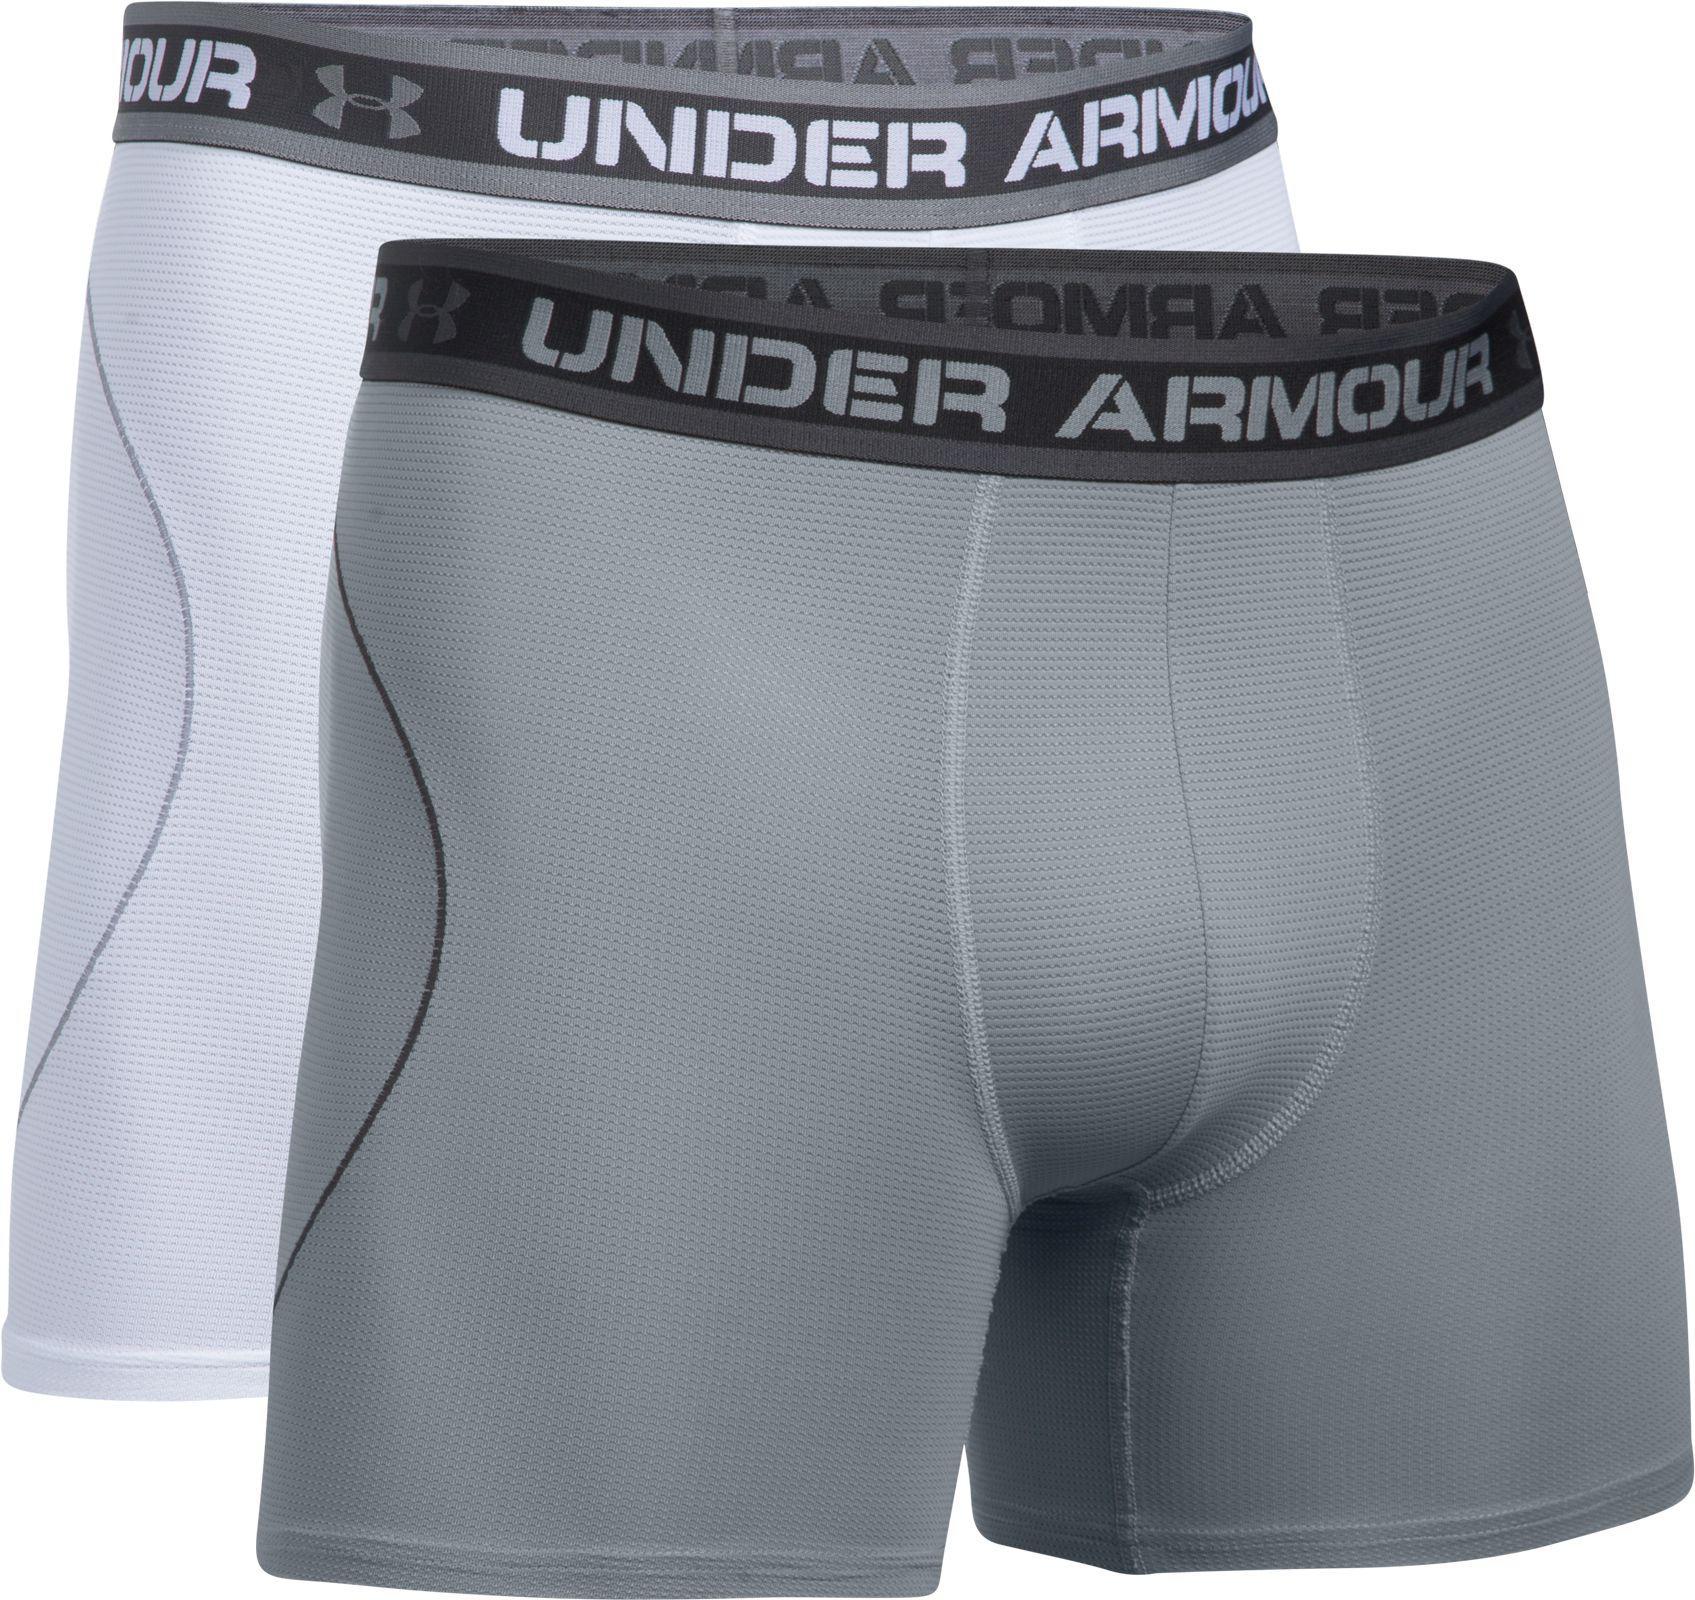 under armour underwear sale